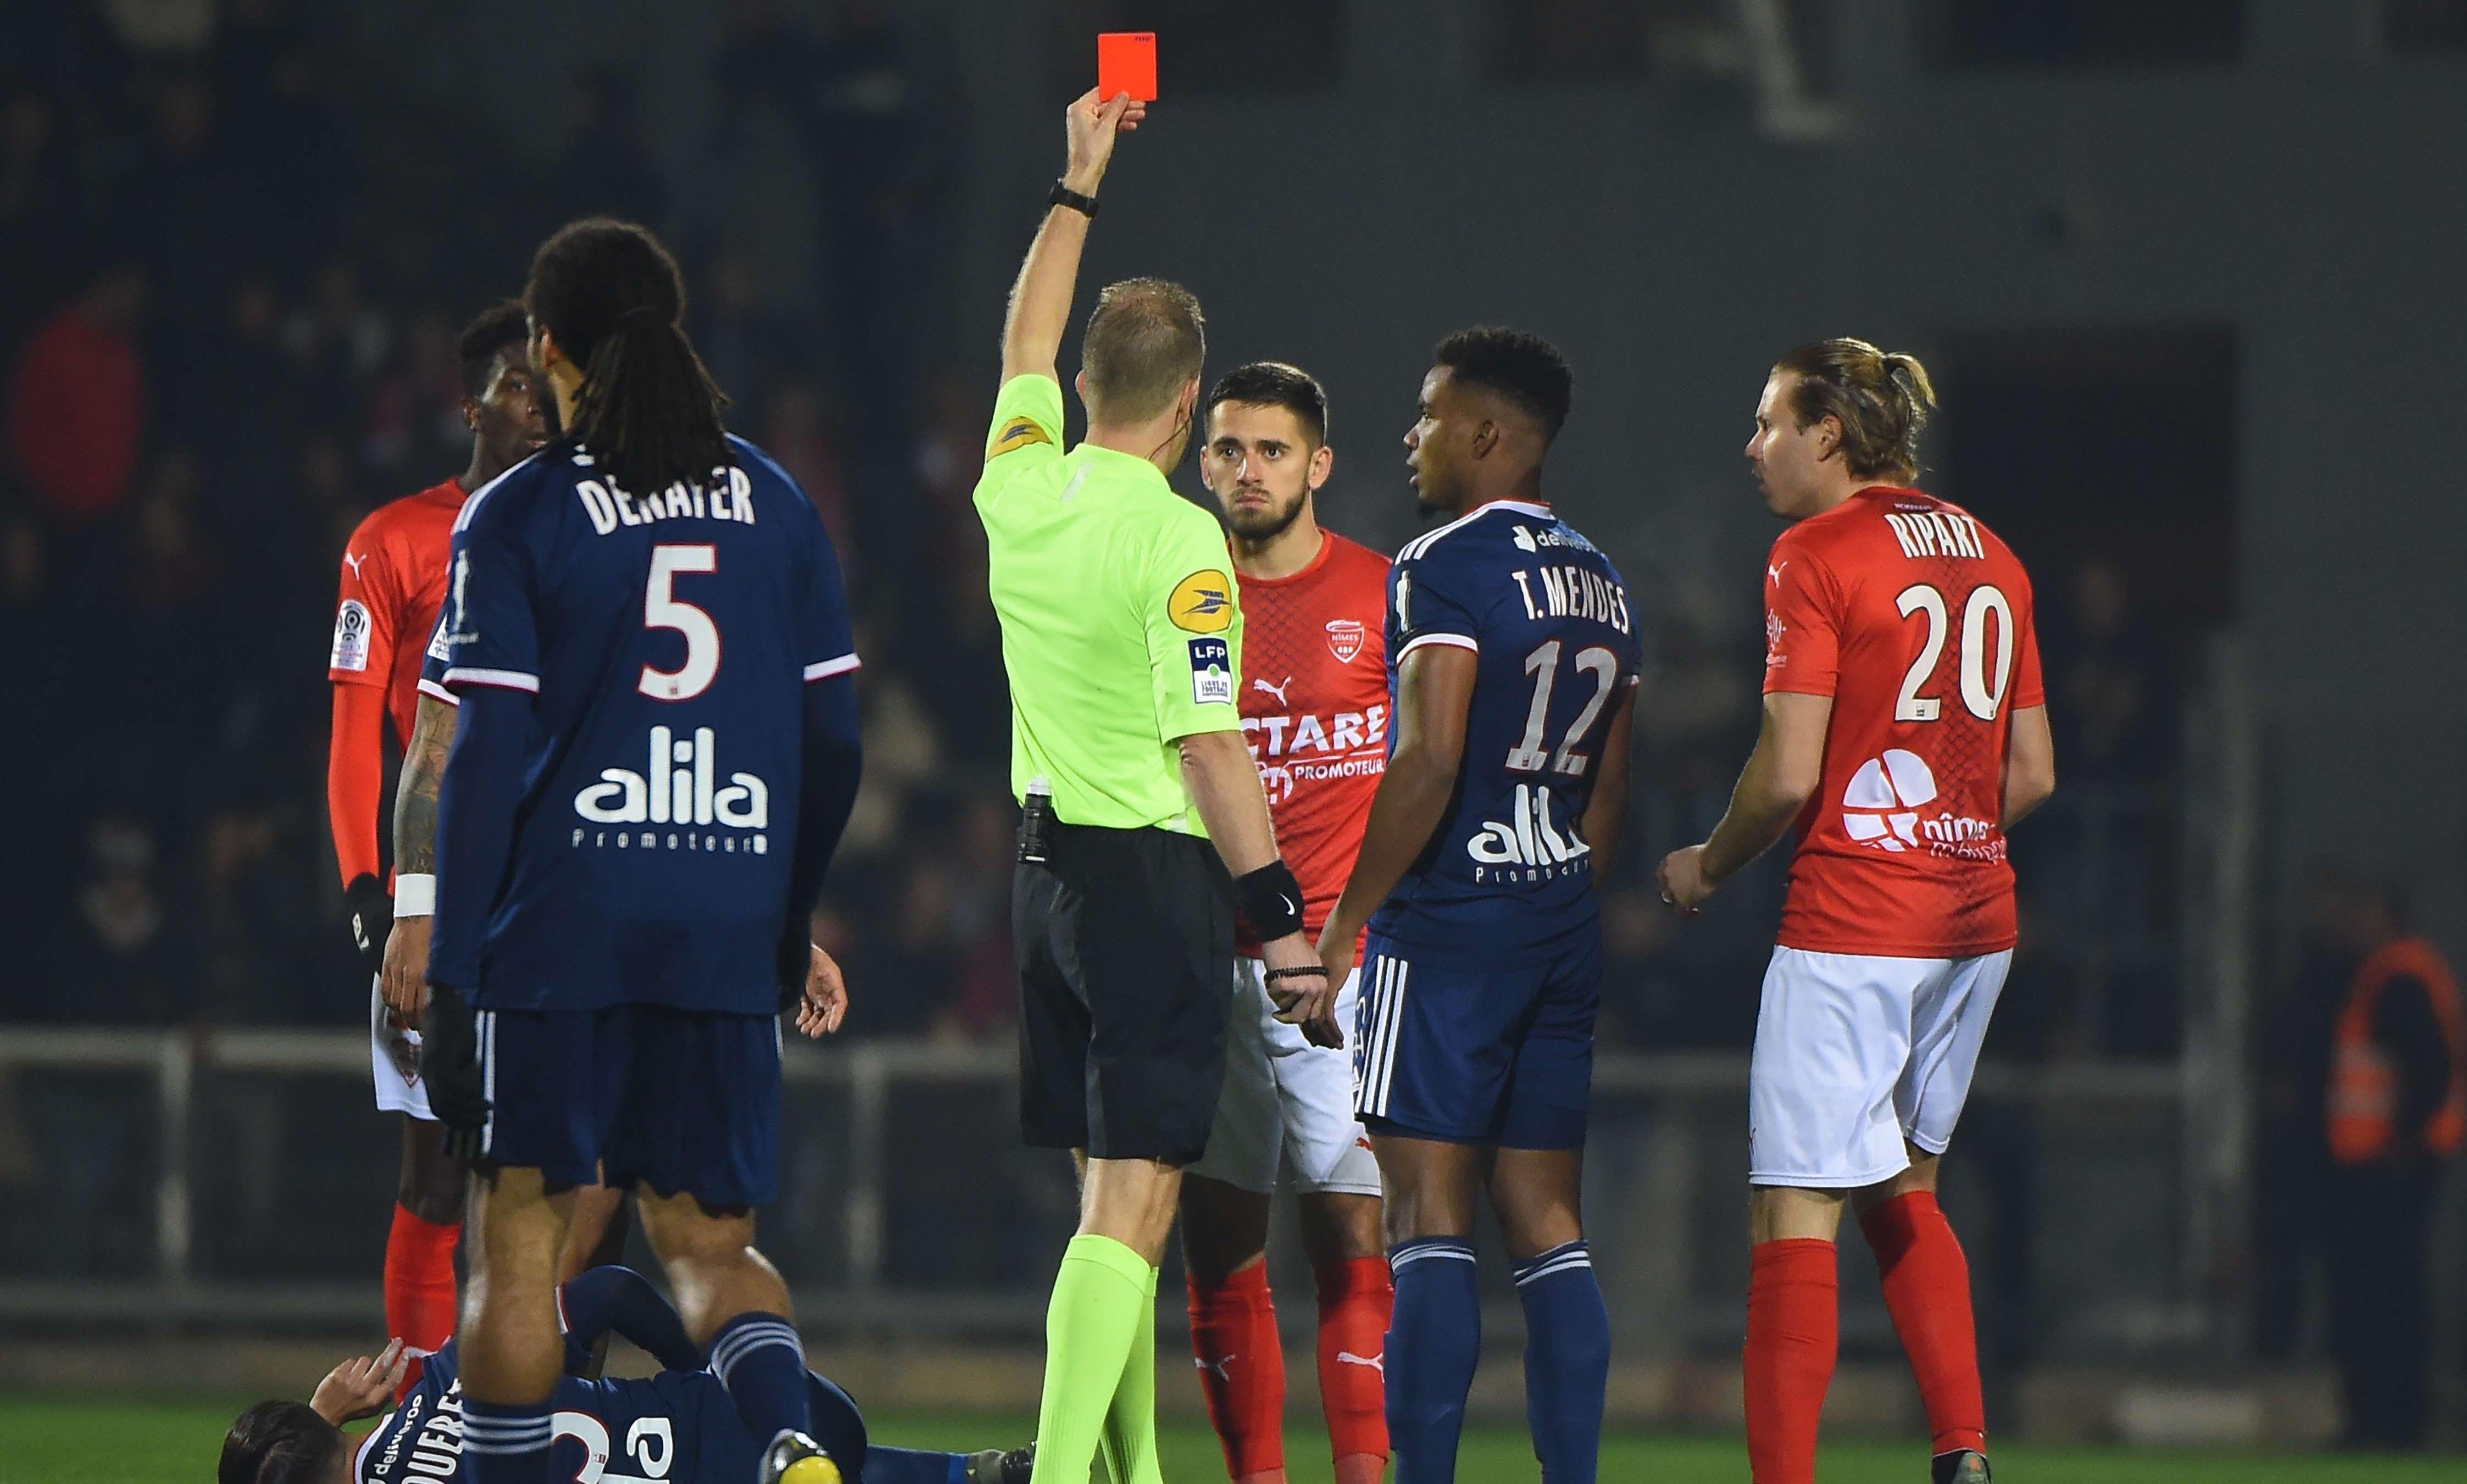 Аутсайдерът в Лига 1 Ним отнесе нова тежка загуба. Преди